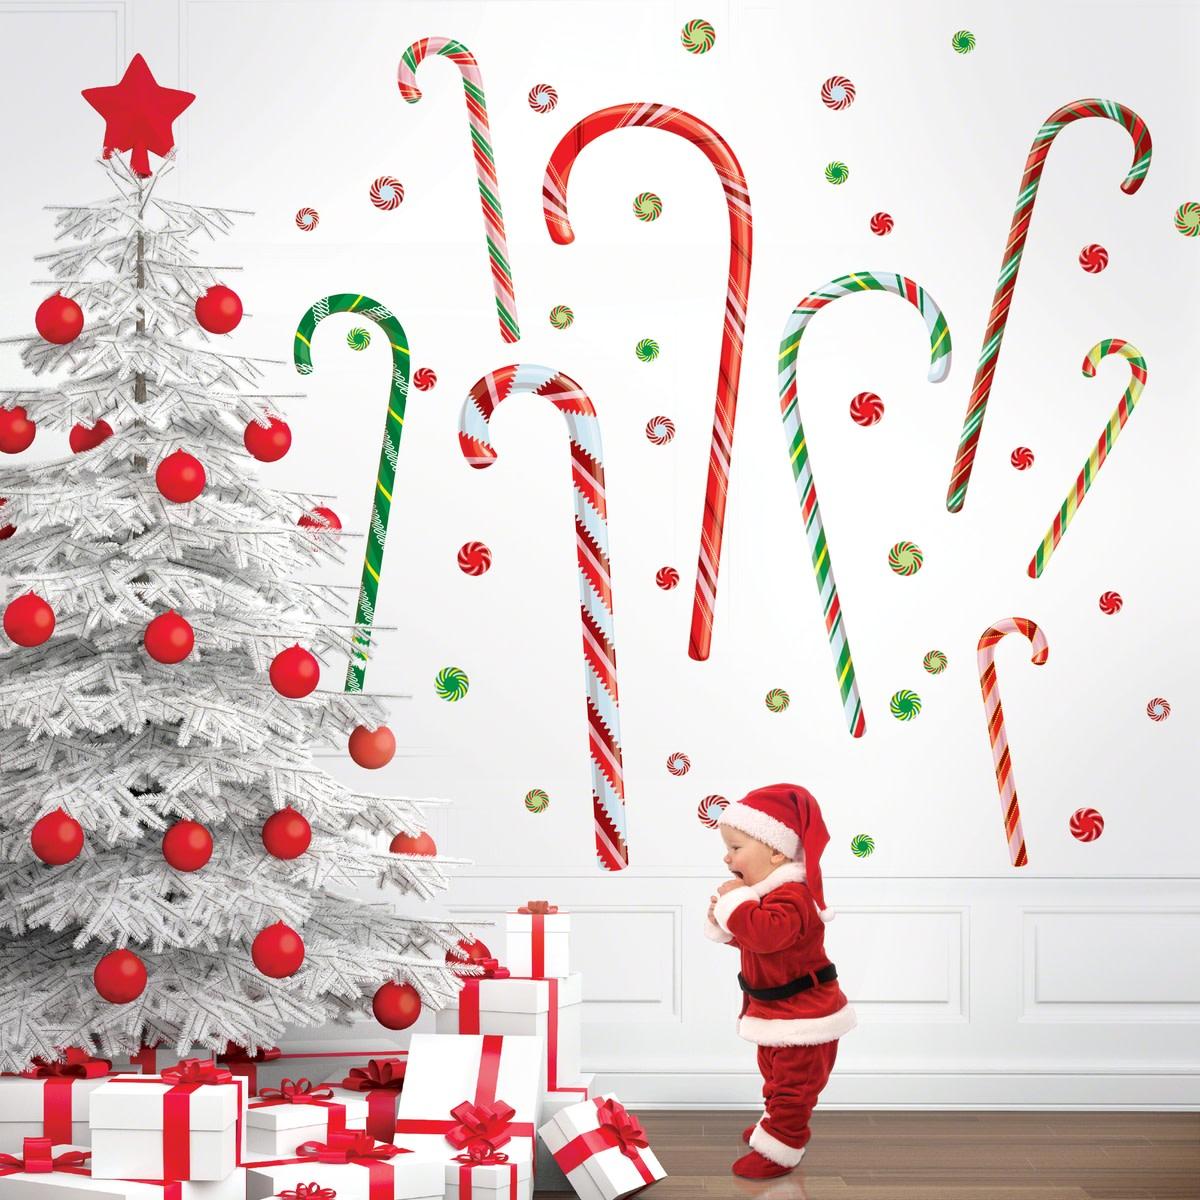 Holiday decor ideas momtrendsmomtrends for Christmas mural ideas